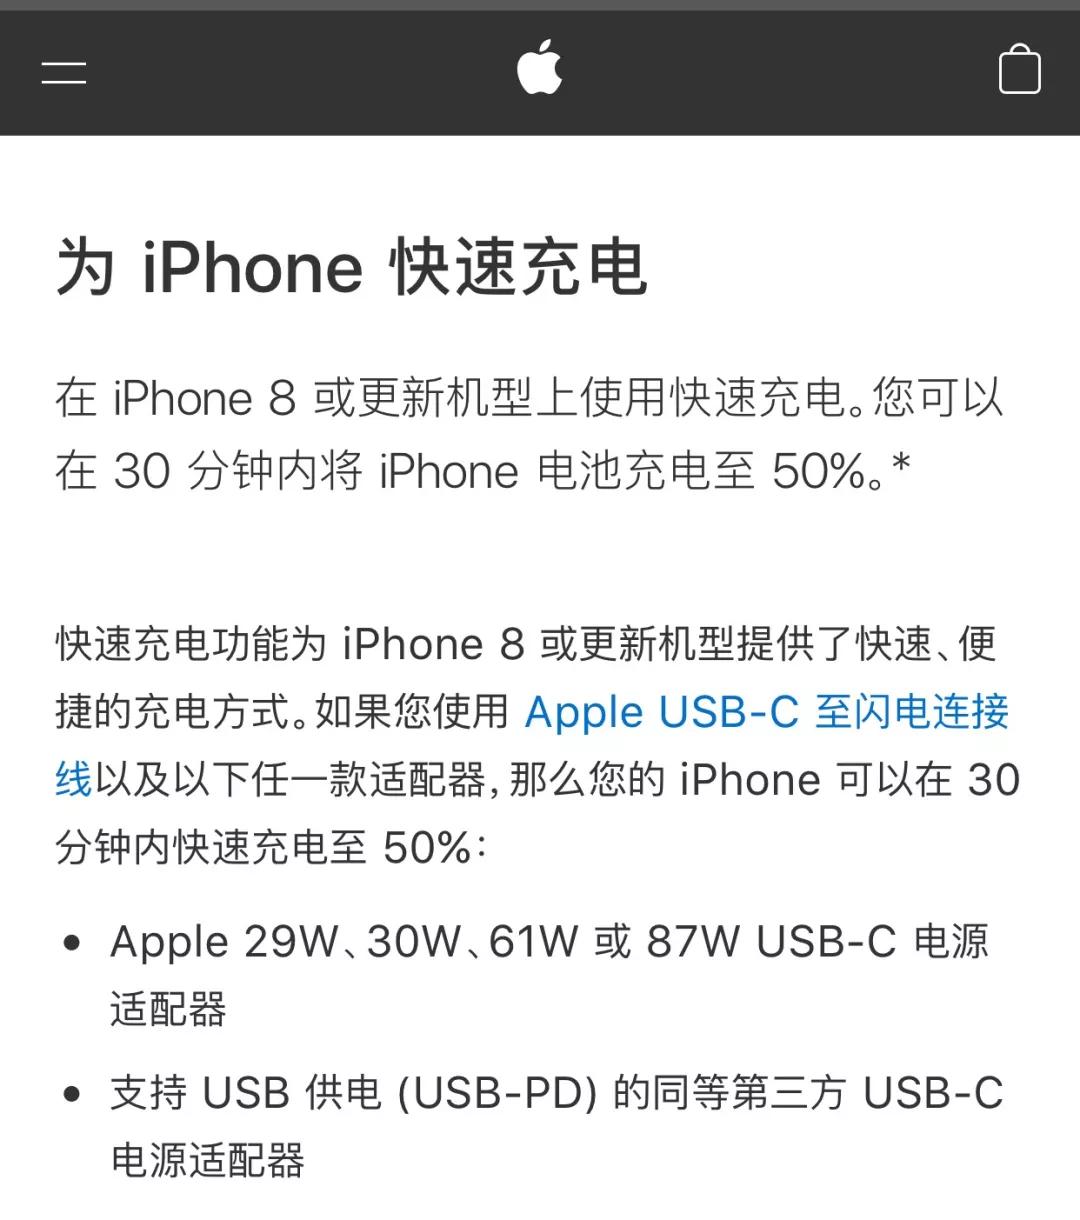 苹果实用技巧:80% 的人都存在的充电误区 | 为什么 iPhone 的电池会老化